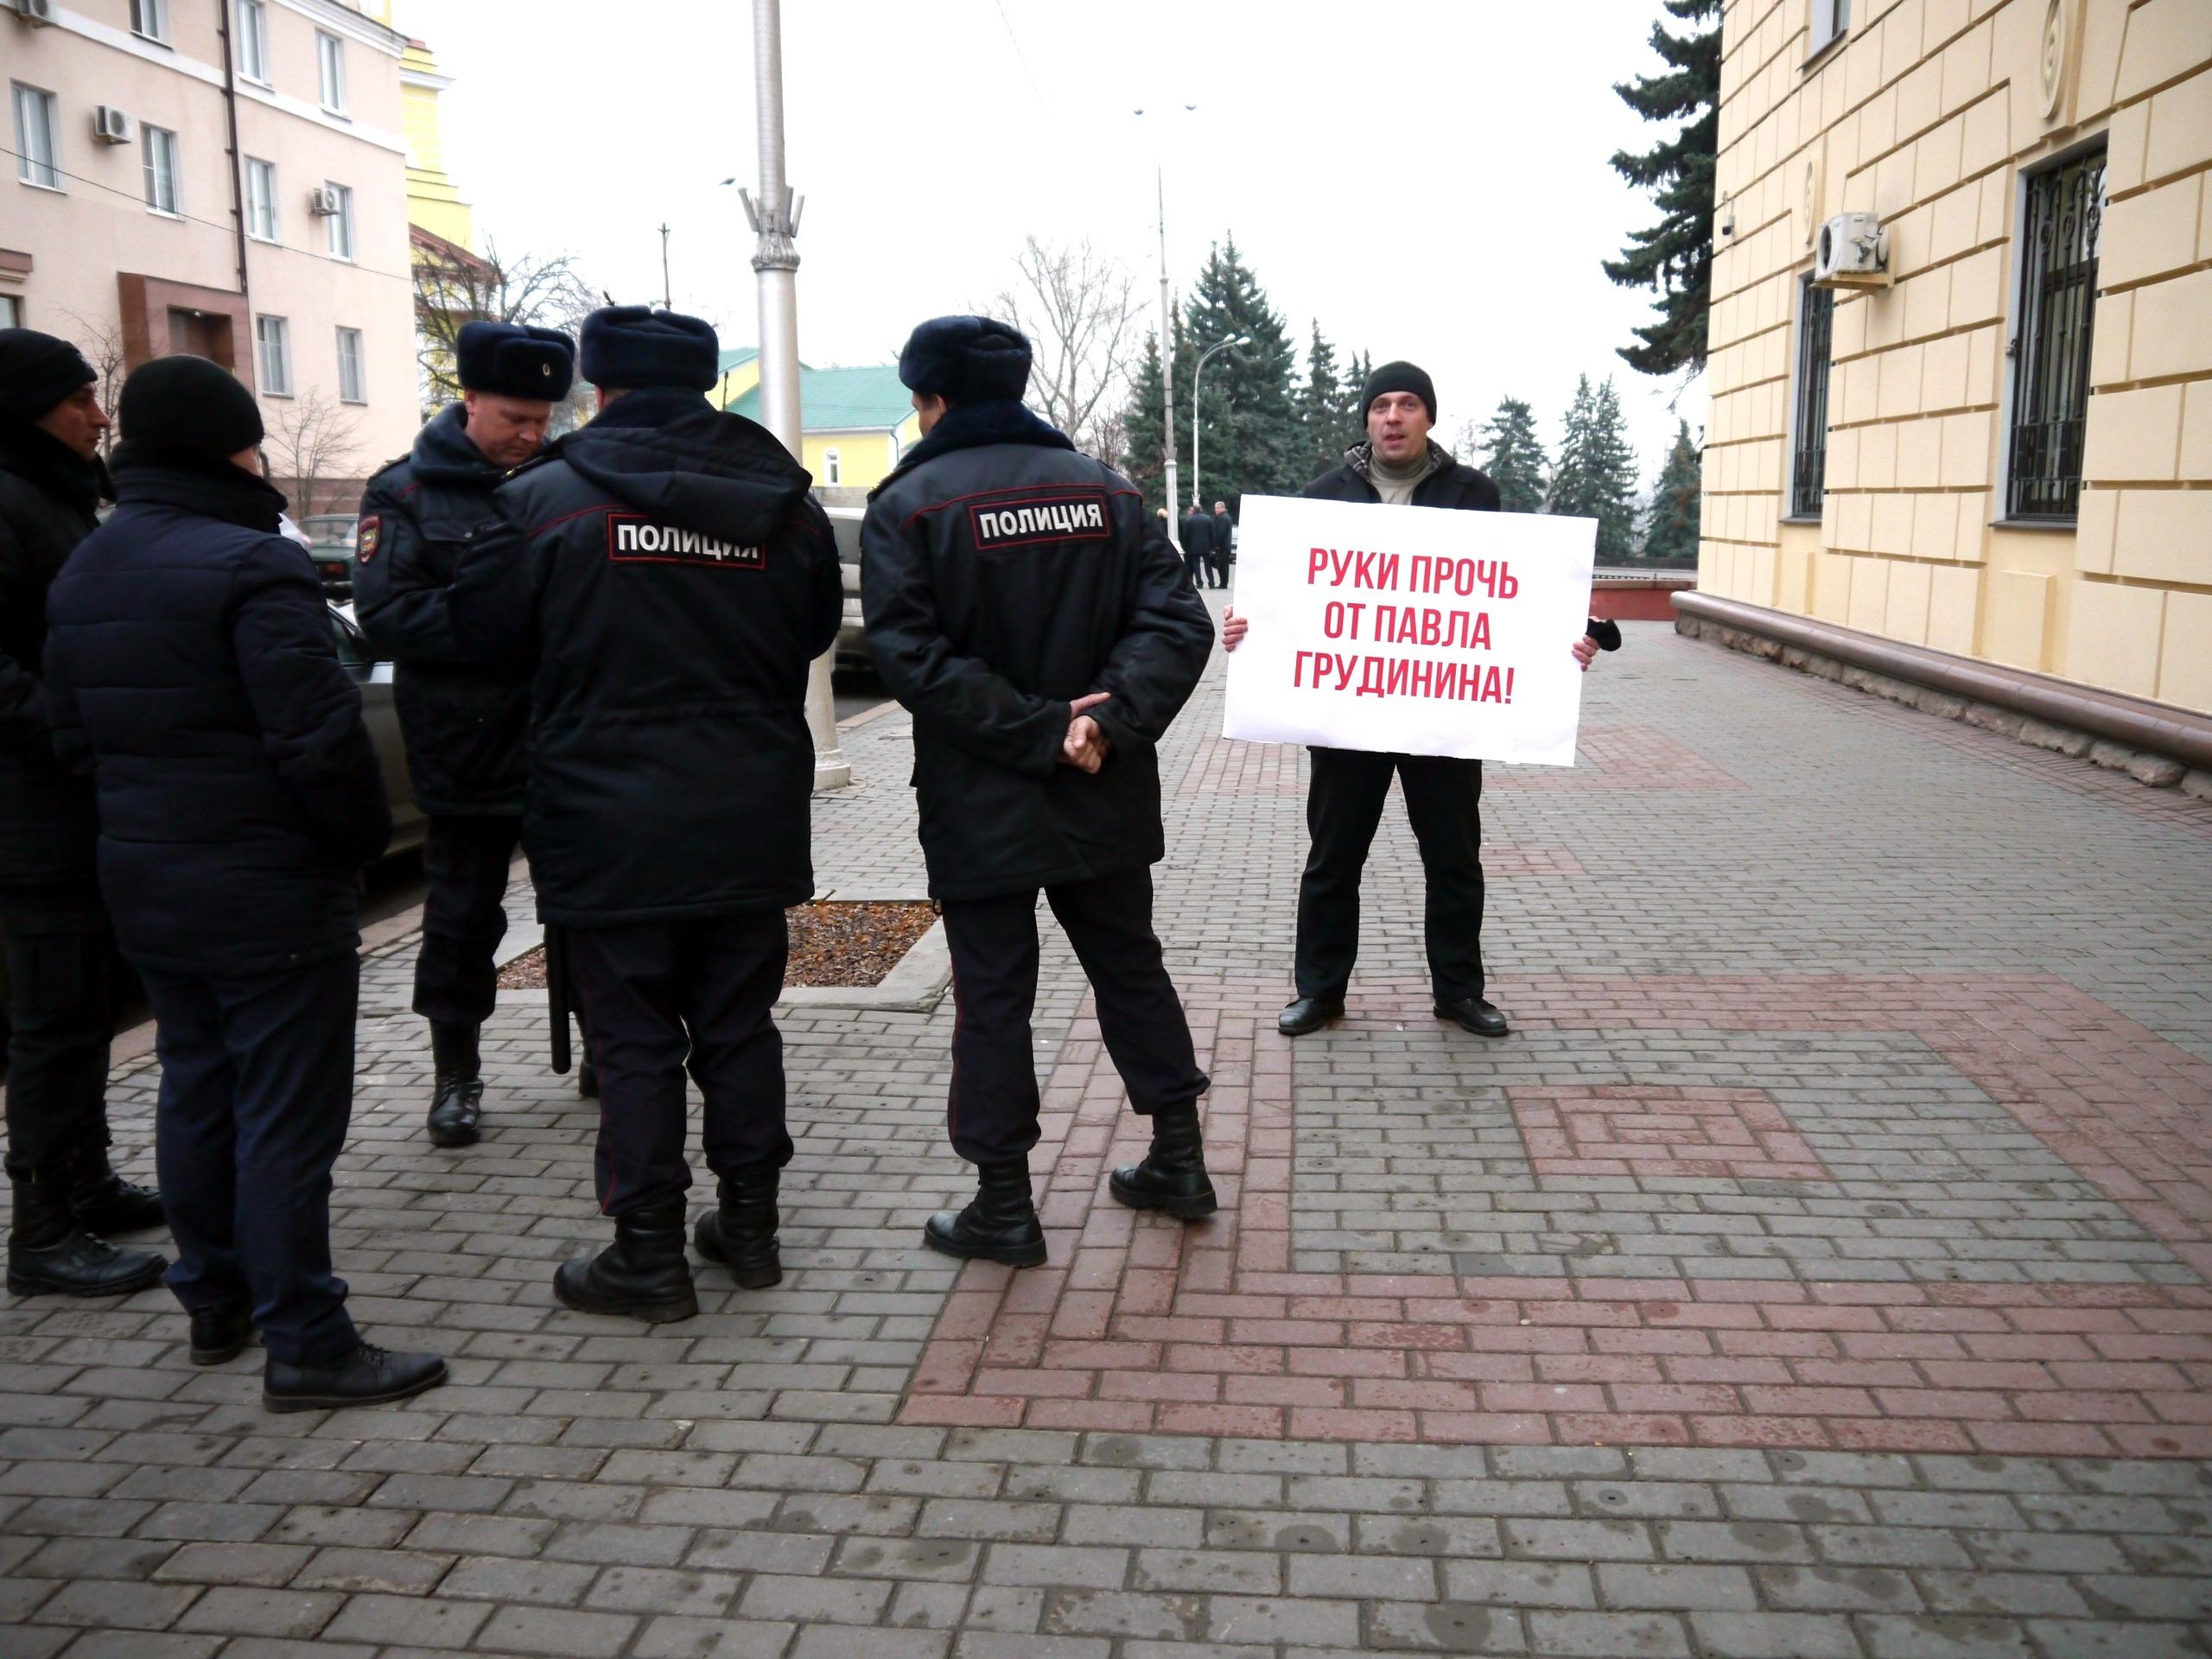 Руки прочь от Грудинина и Левченко!